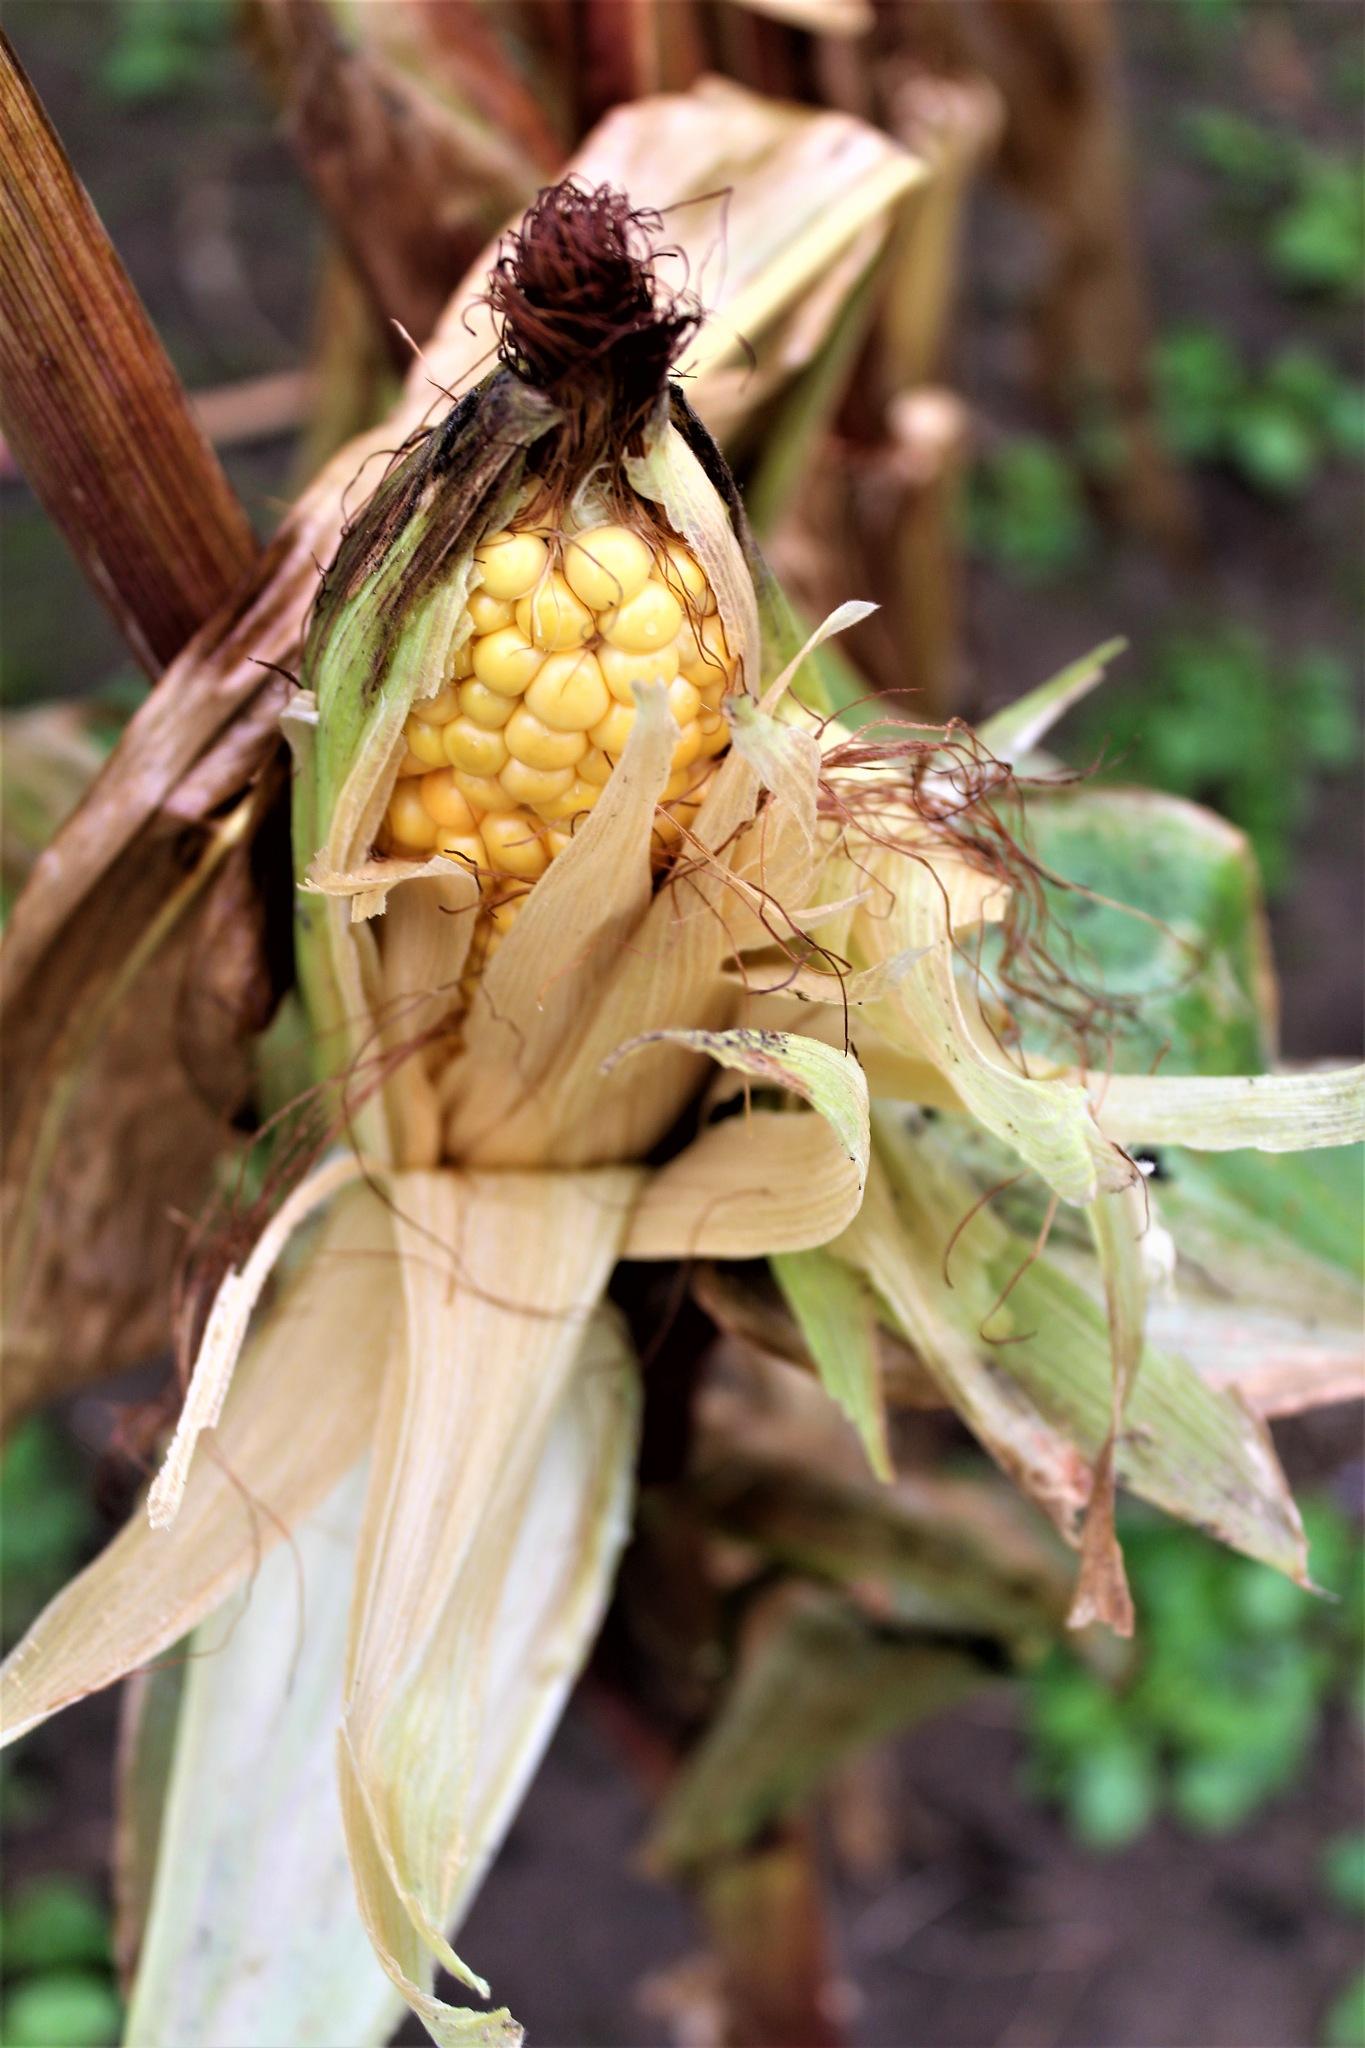 corn on the cob by Elizabeth Hannah